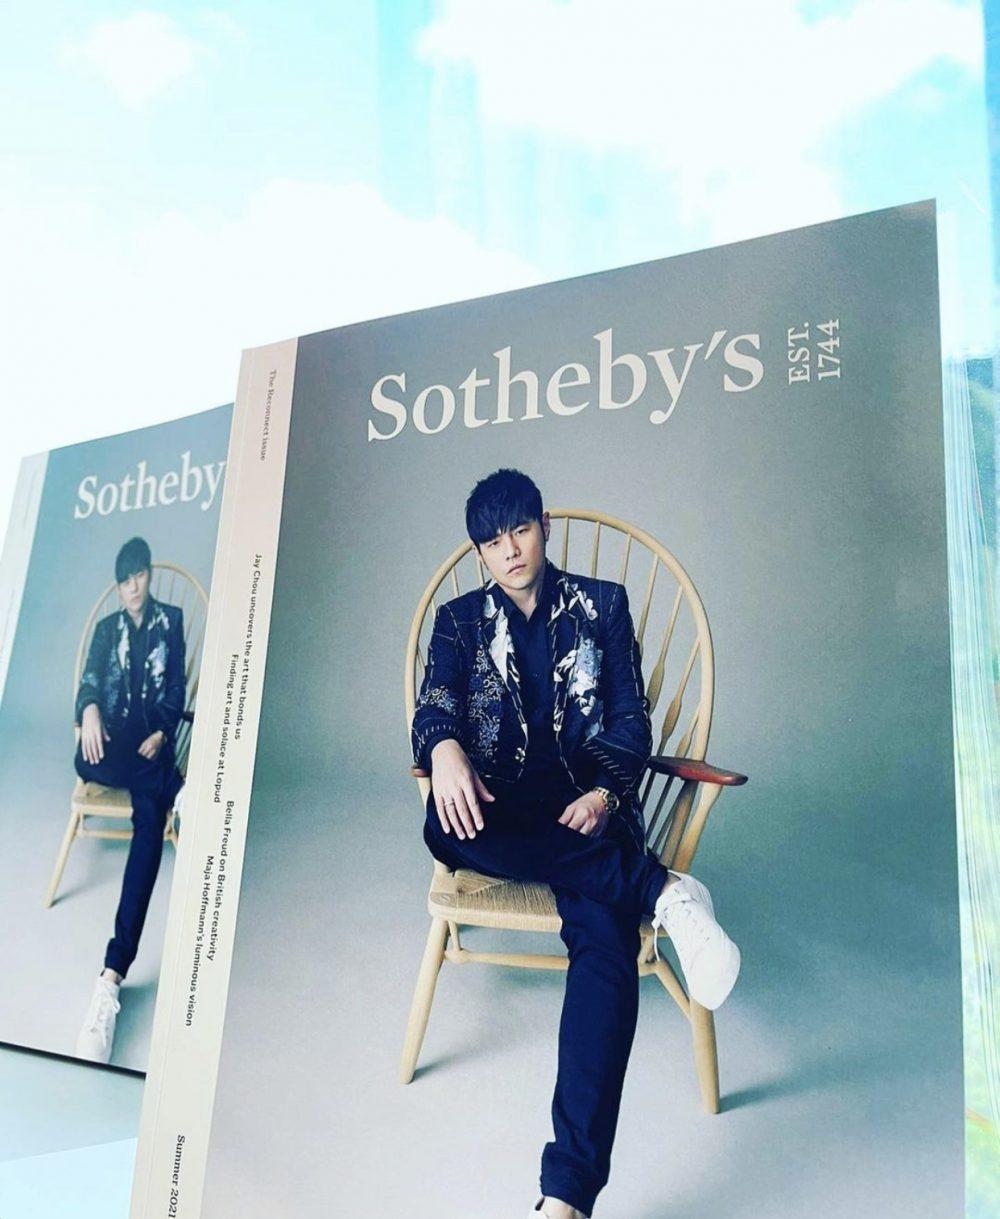 """周杰伦任首届Sotheby's拍卖策展人!邀阿信、林俊杰、王嘉尔等大咖谈""""艺术""""-Woah.MY"""